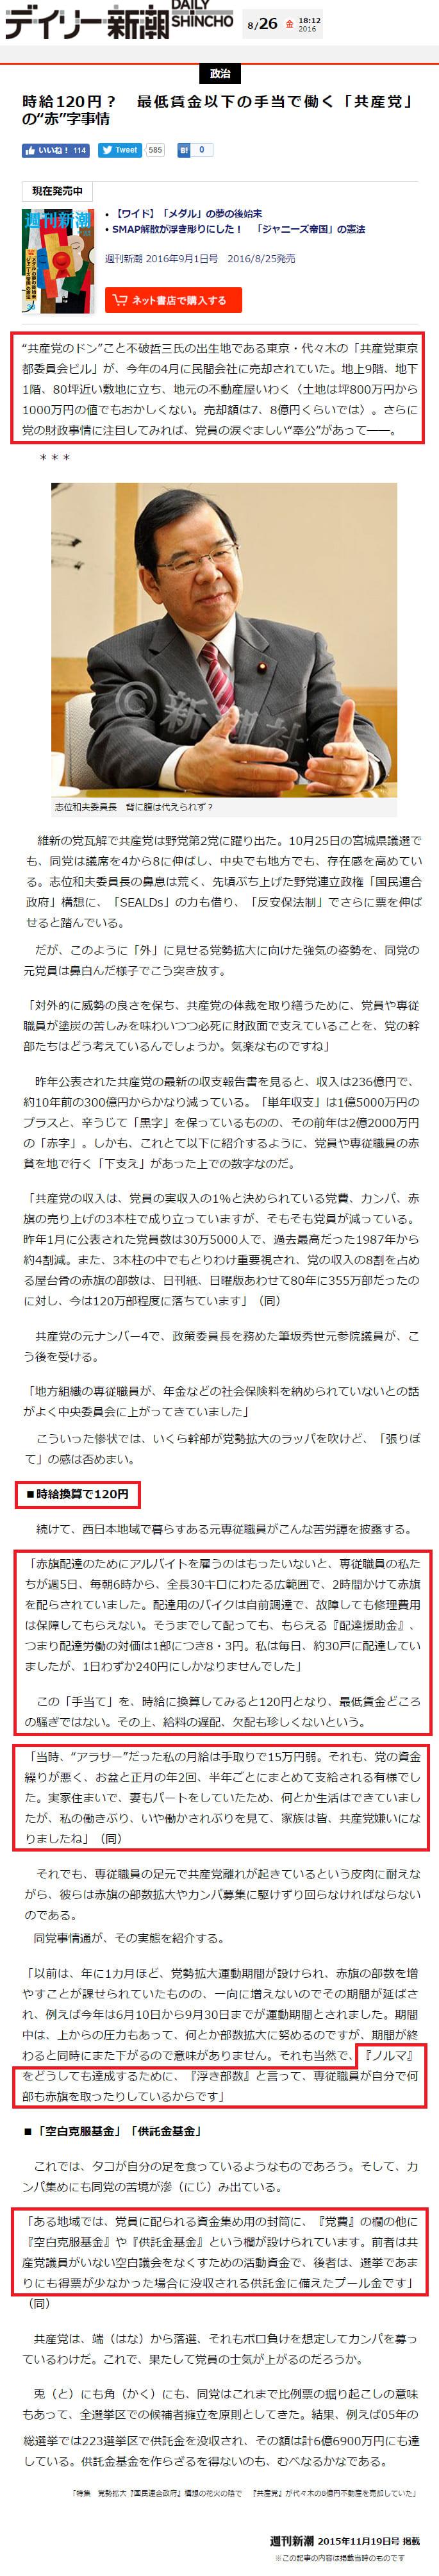 赤旗配達員の時給は120円2 (1)